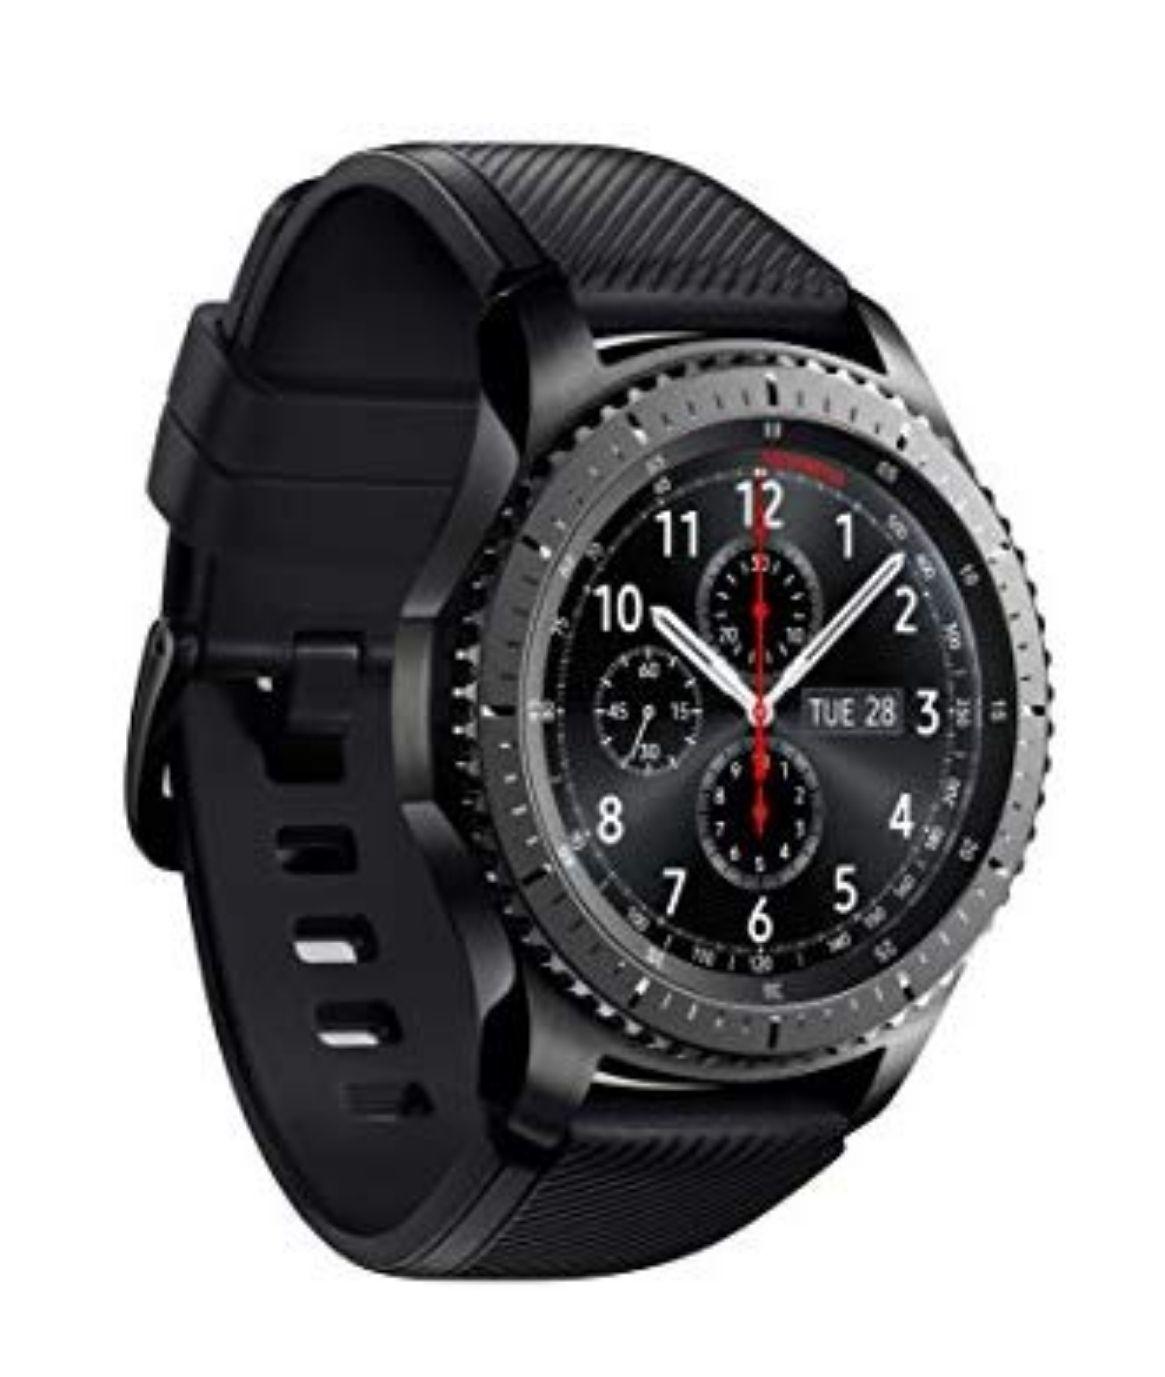 [Amazon.de] Samsung Gear S3 Frontier Smartwatch